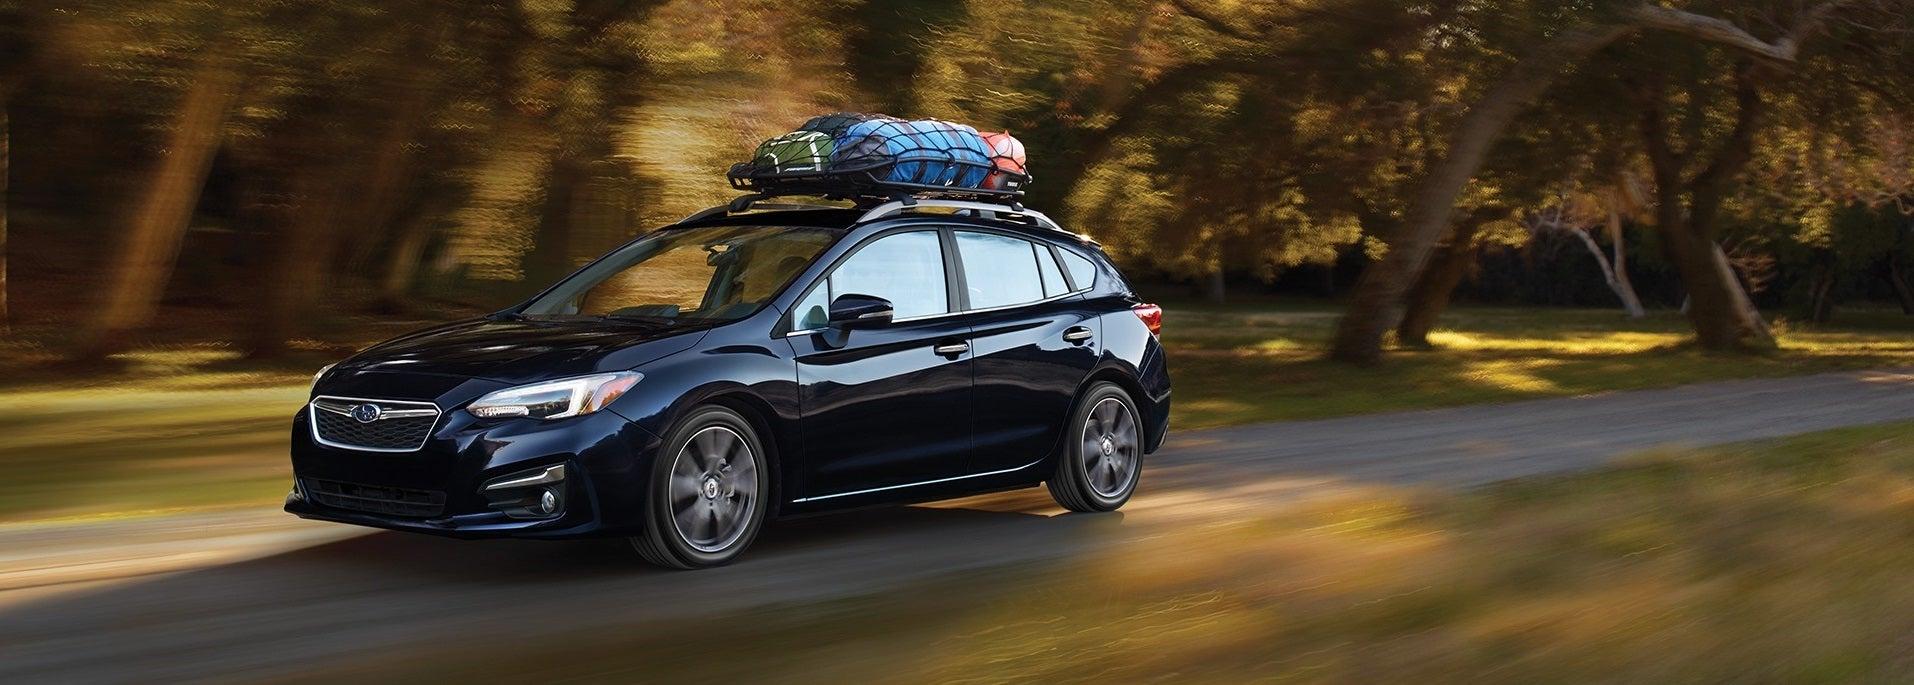 Subaru Albany Ny | Best Upcoming Car Release